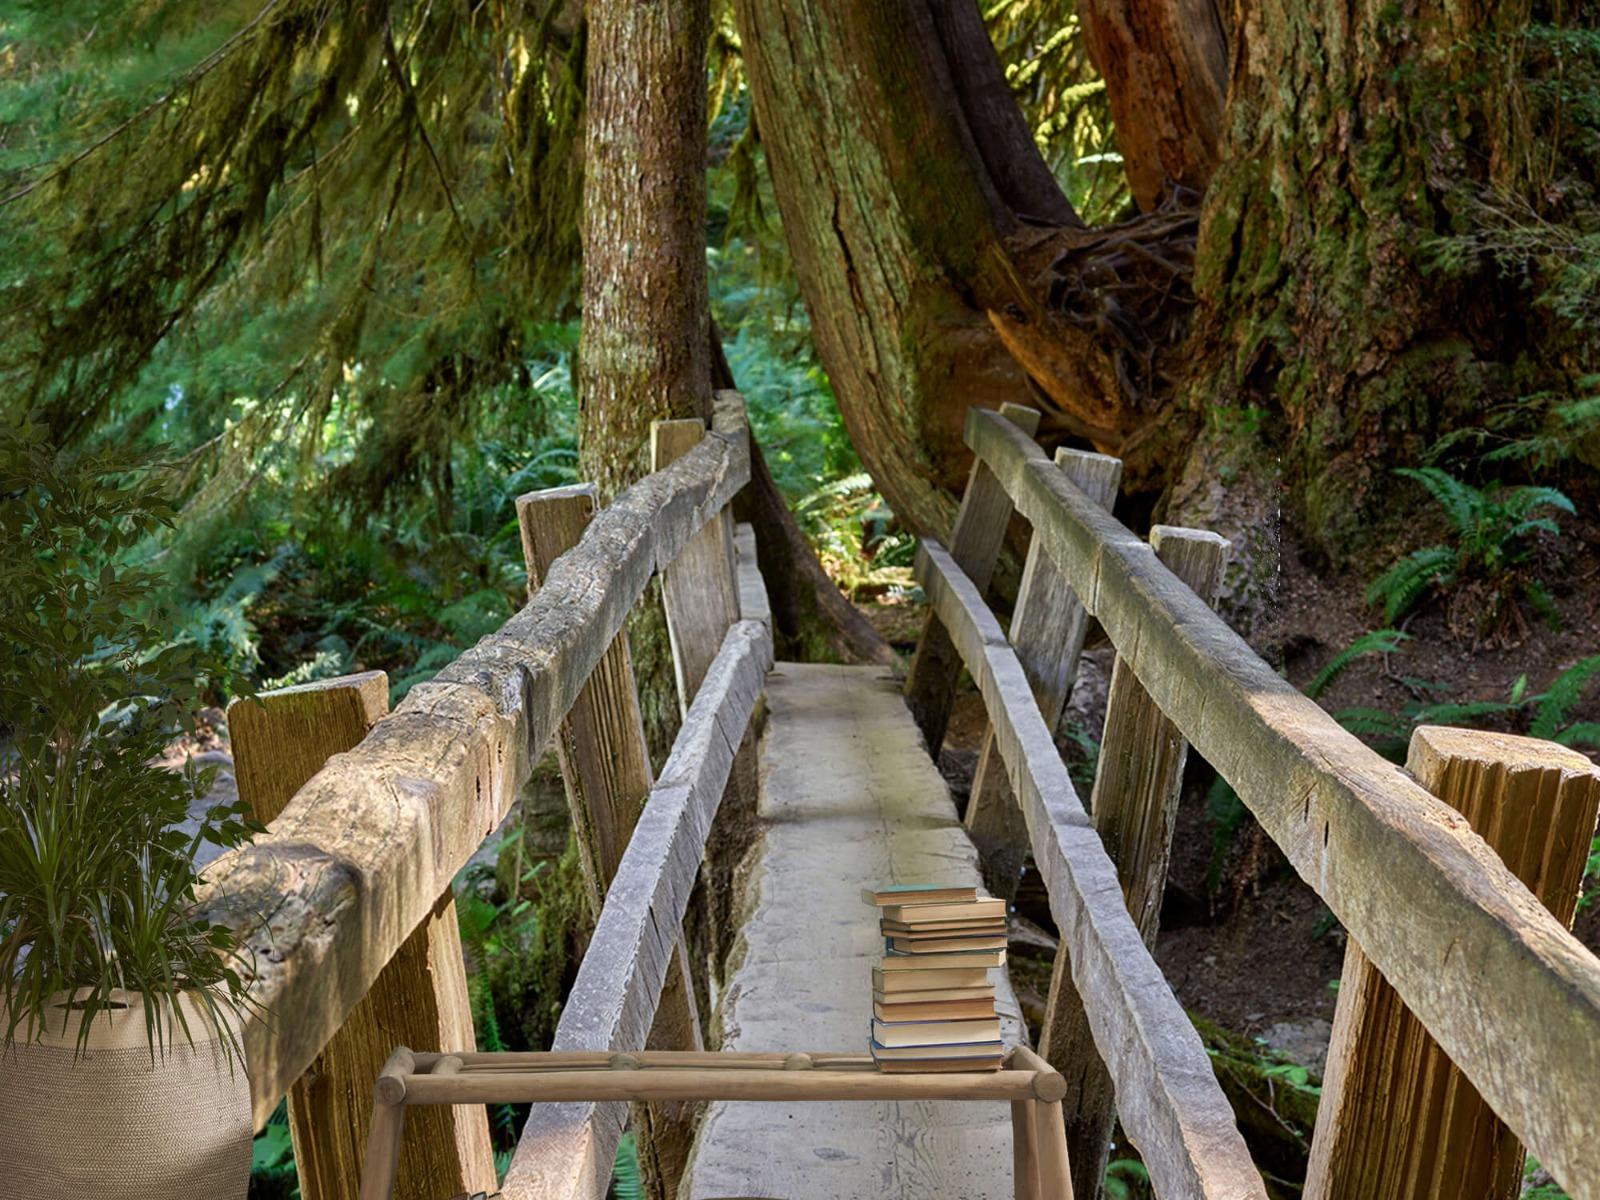 Landschap - Houten brug door het bos - Wallexclusive - Woonkamer 20